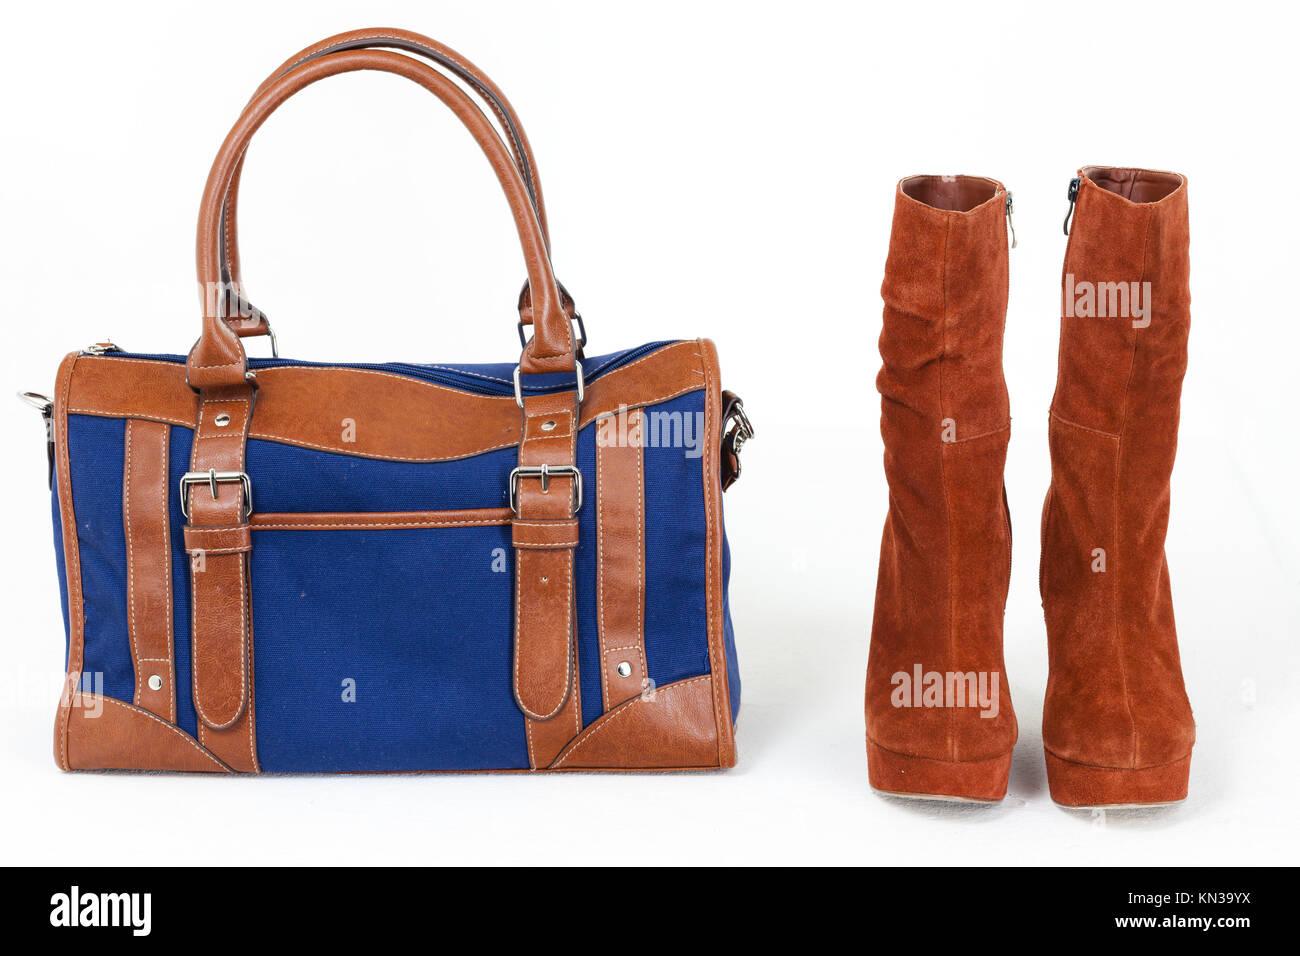 2cee25af3f Modische Plattform braune Schuhe mit einer Jeans Handtasche. Stockbild